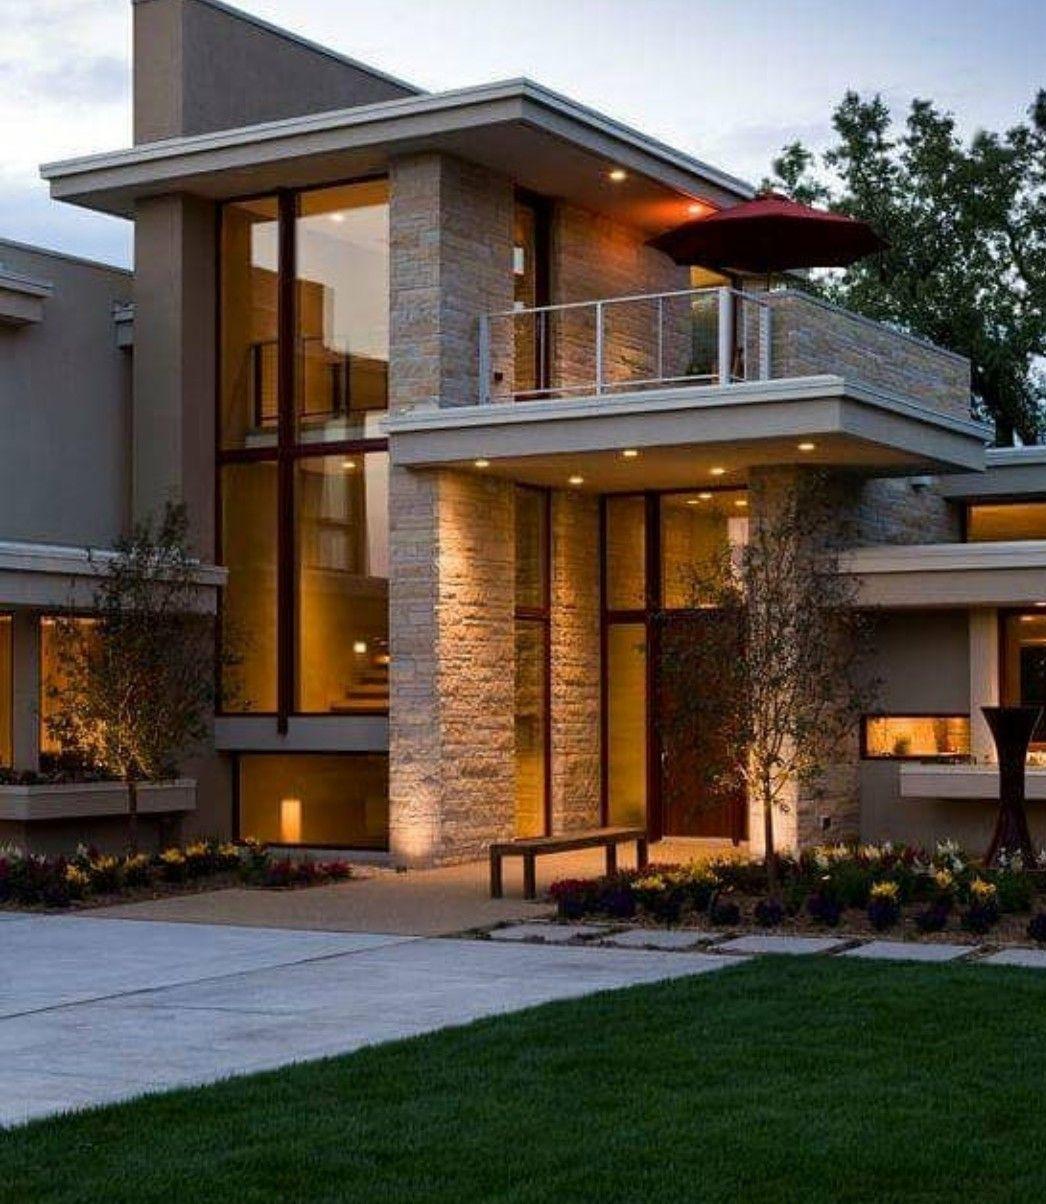 Modern Home Design Ideas Exterior: House Designs Exterior